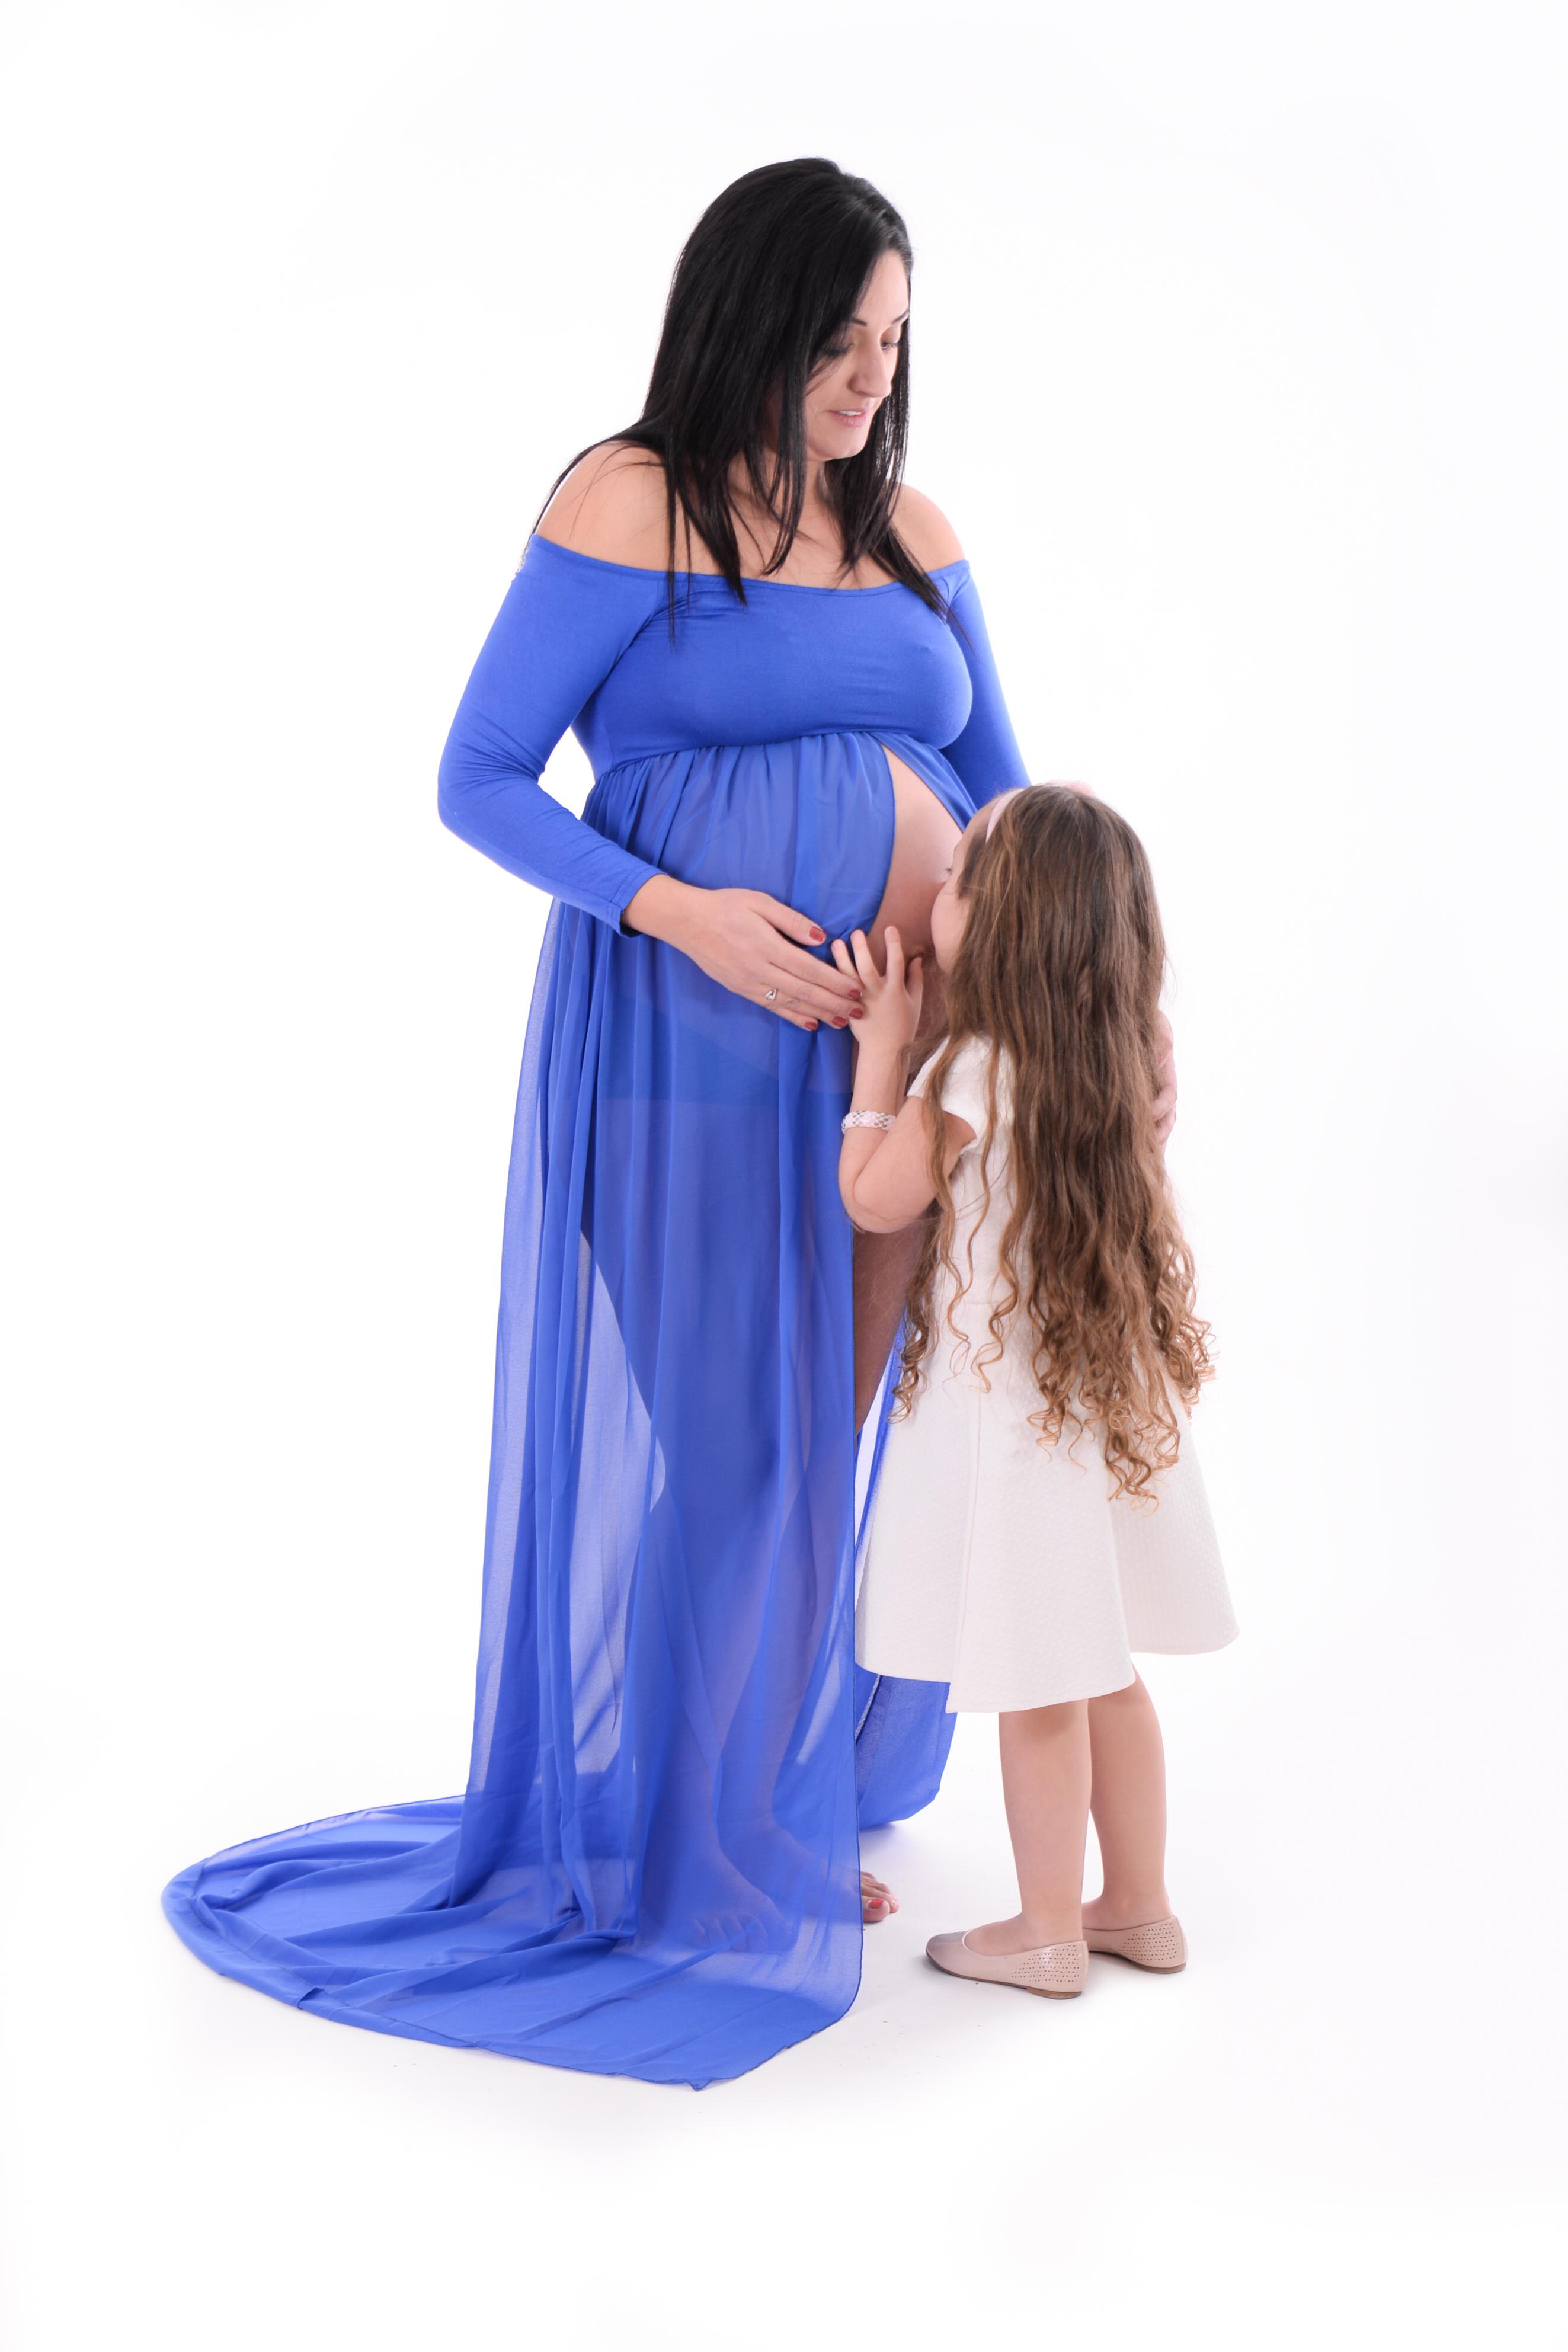 צילומי הריון בסטודיו